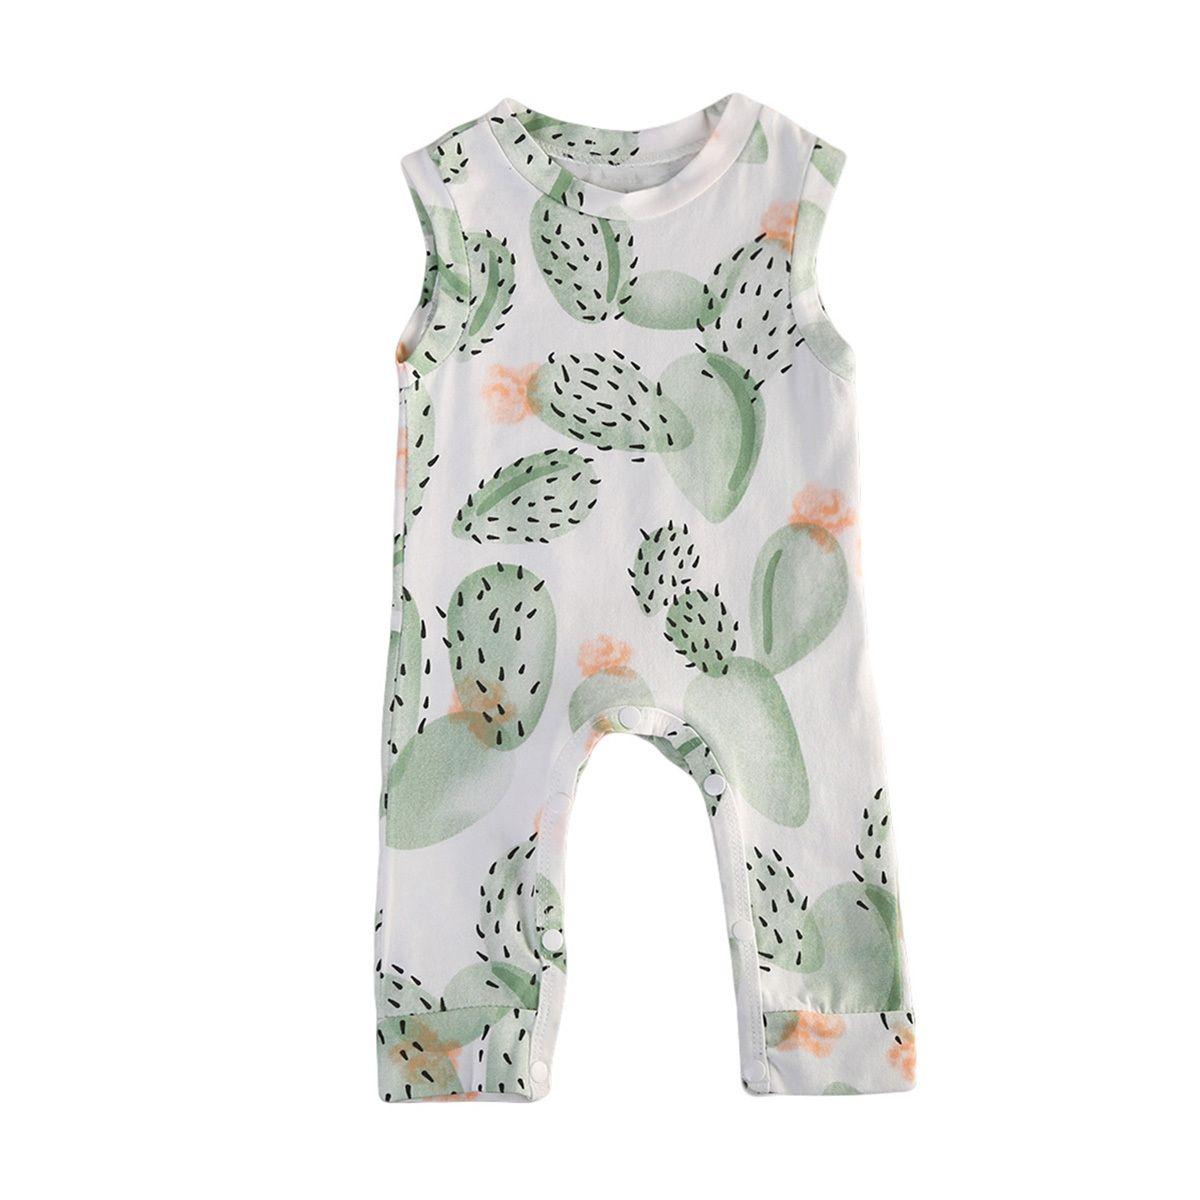 Ropa de bebé recién nacido para niños muchachas de los bebés de cactus sin mangas del mono del mameluco del algodón del equipo Conjunto T200727